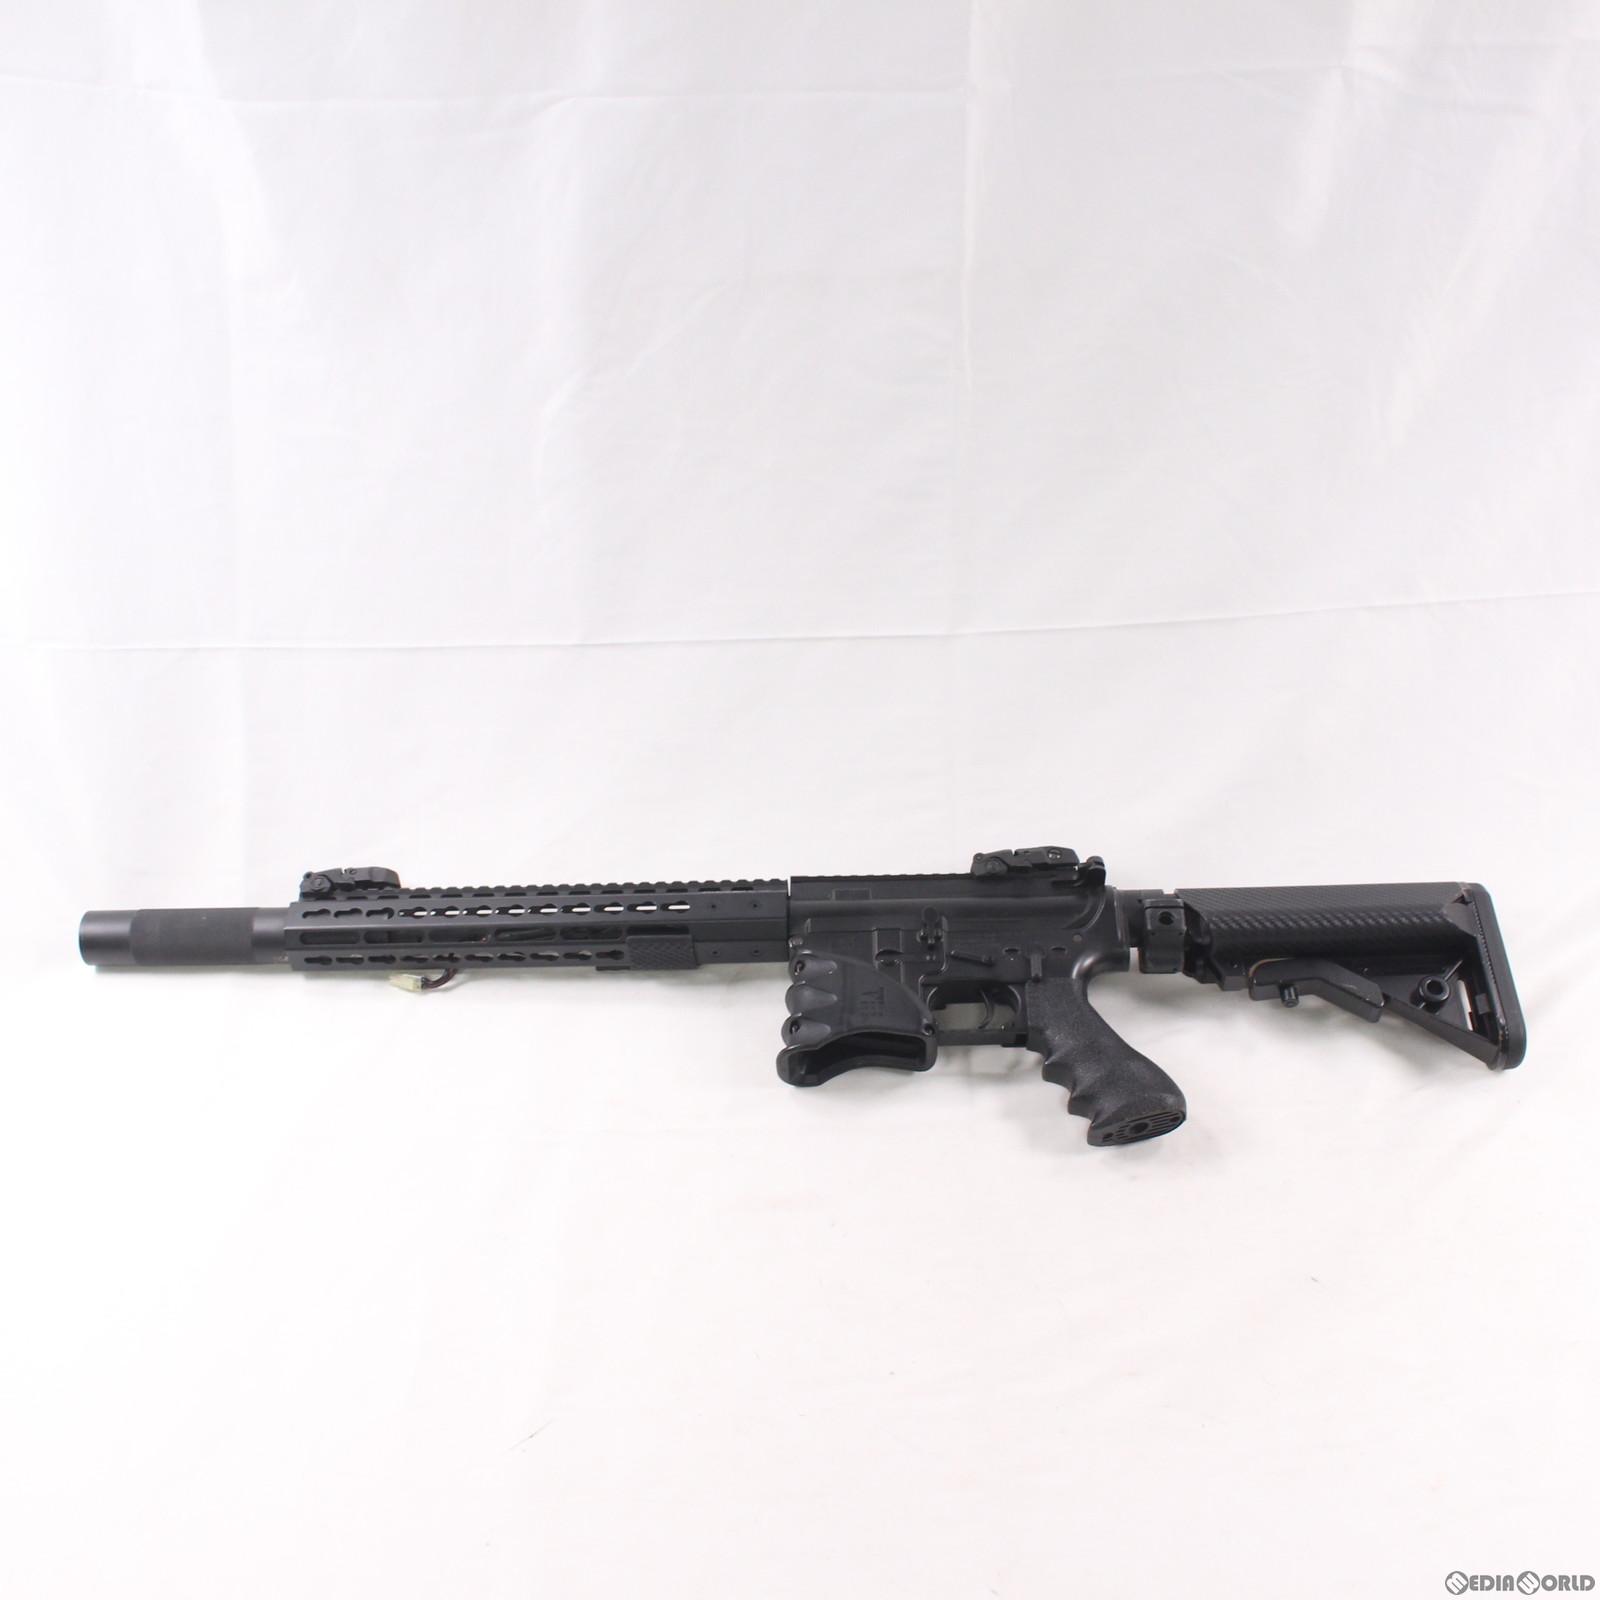 【中古】[MIL]東京マルイ スタンダード電動ガン コルト M4A1カービン (18歳以上専用)(20051231)